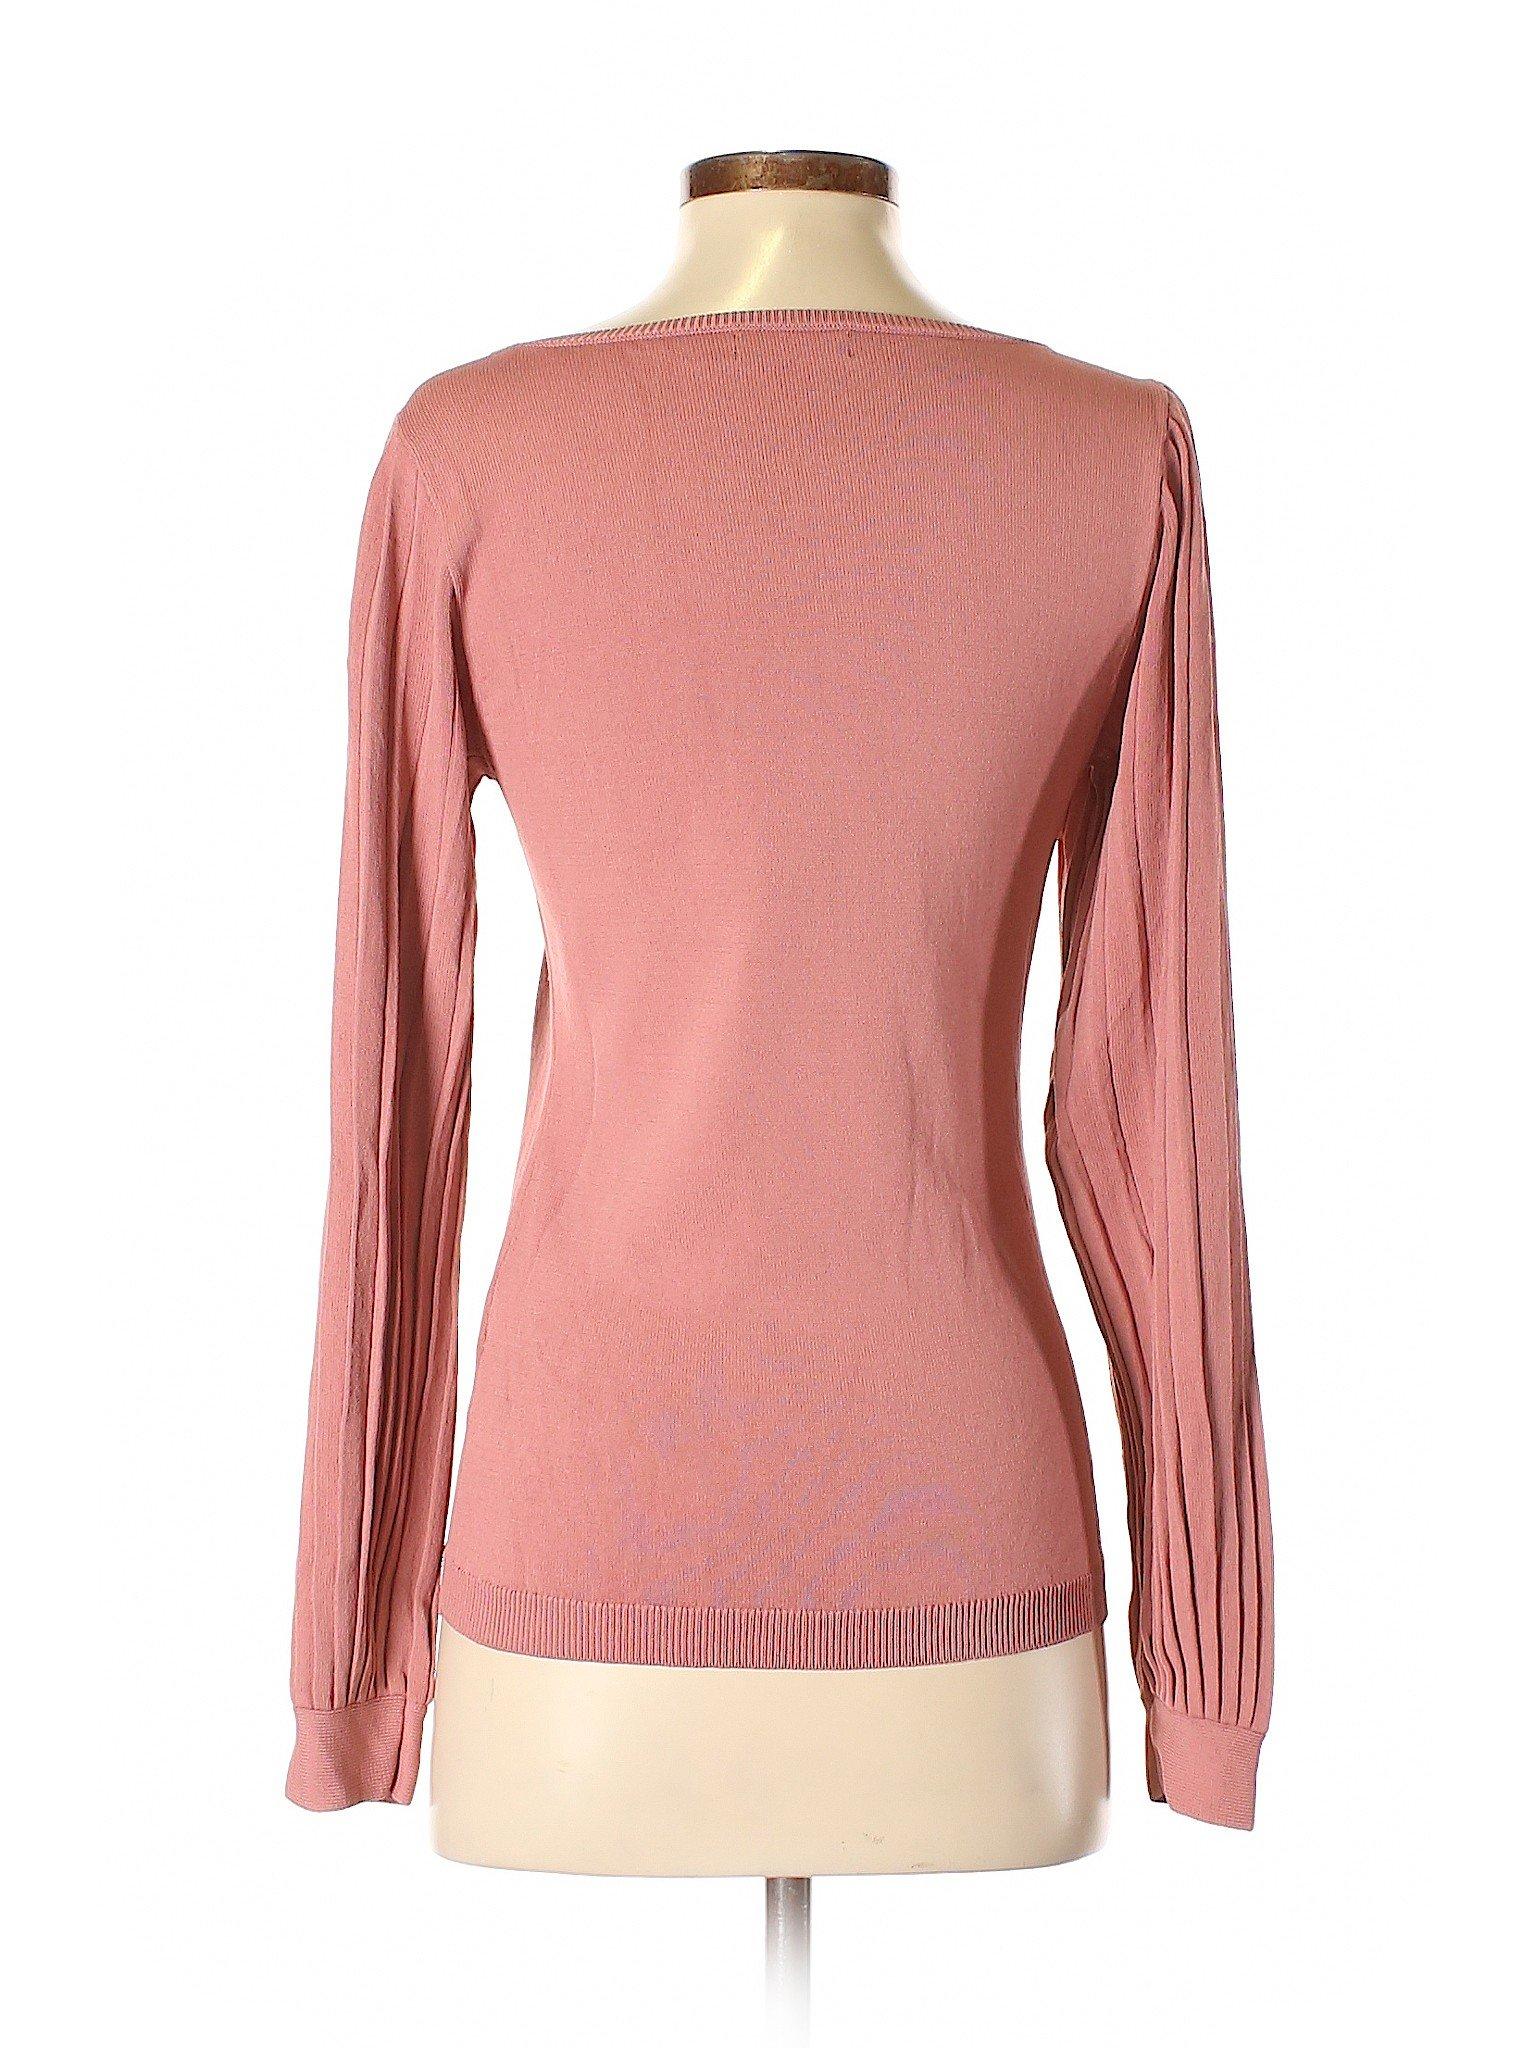 Avenue Studio Pullover Sweater 7th Design New amp; Boutique York winter Company wSqCff